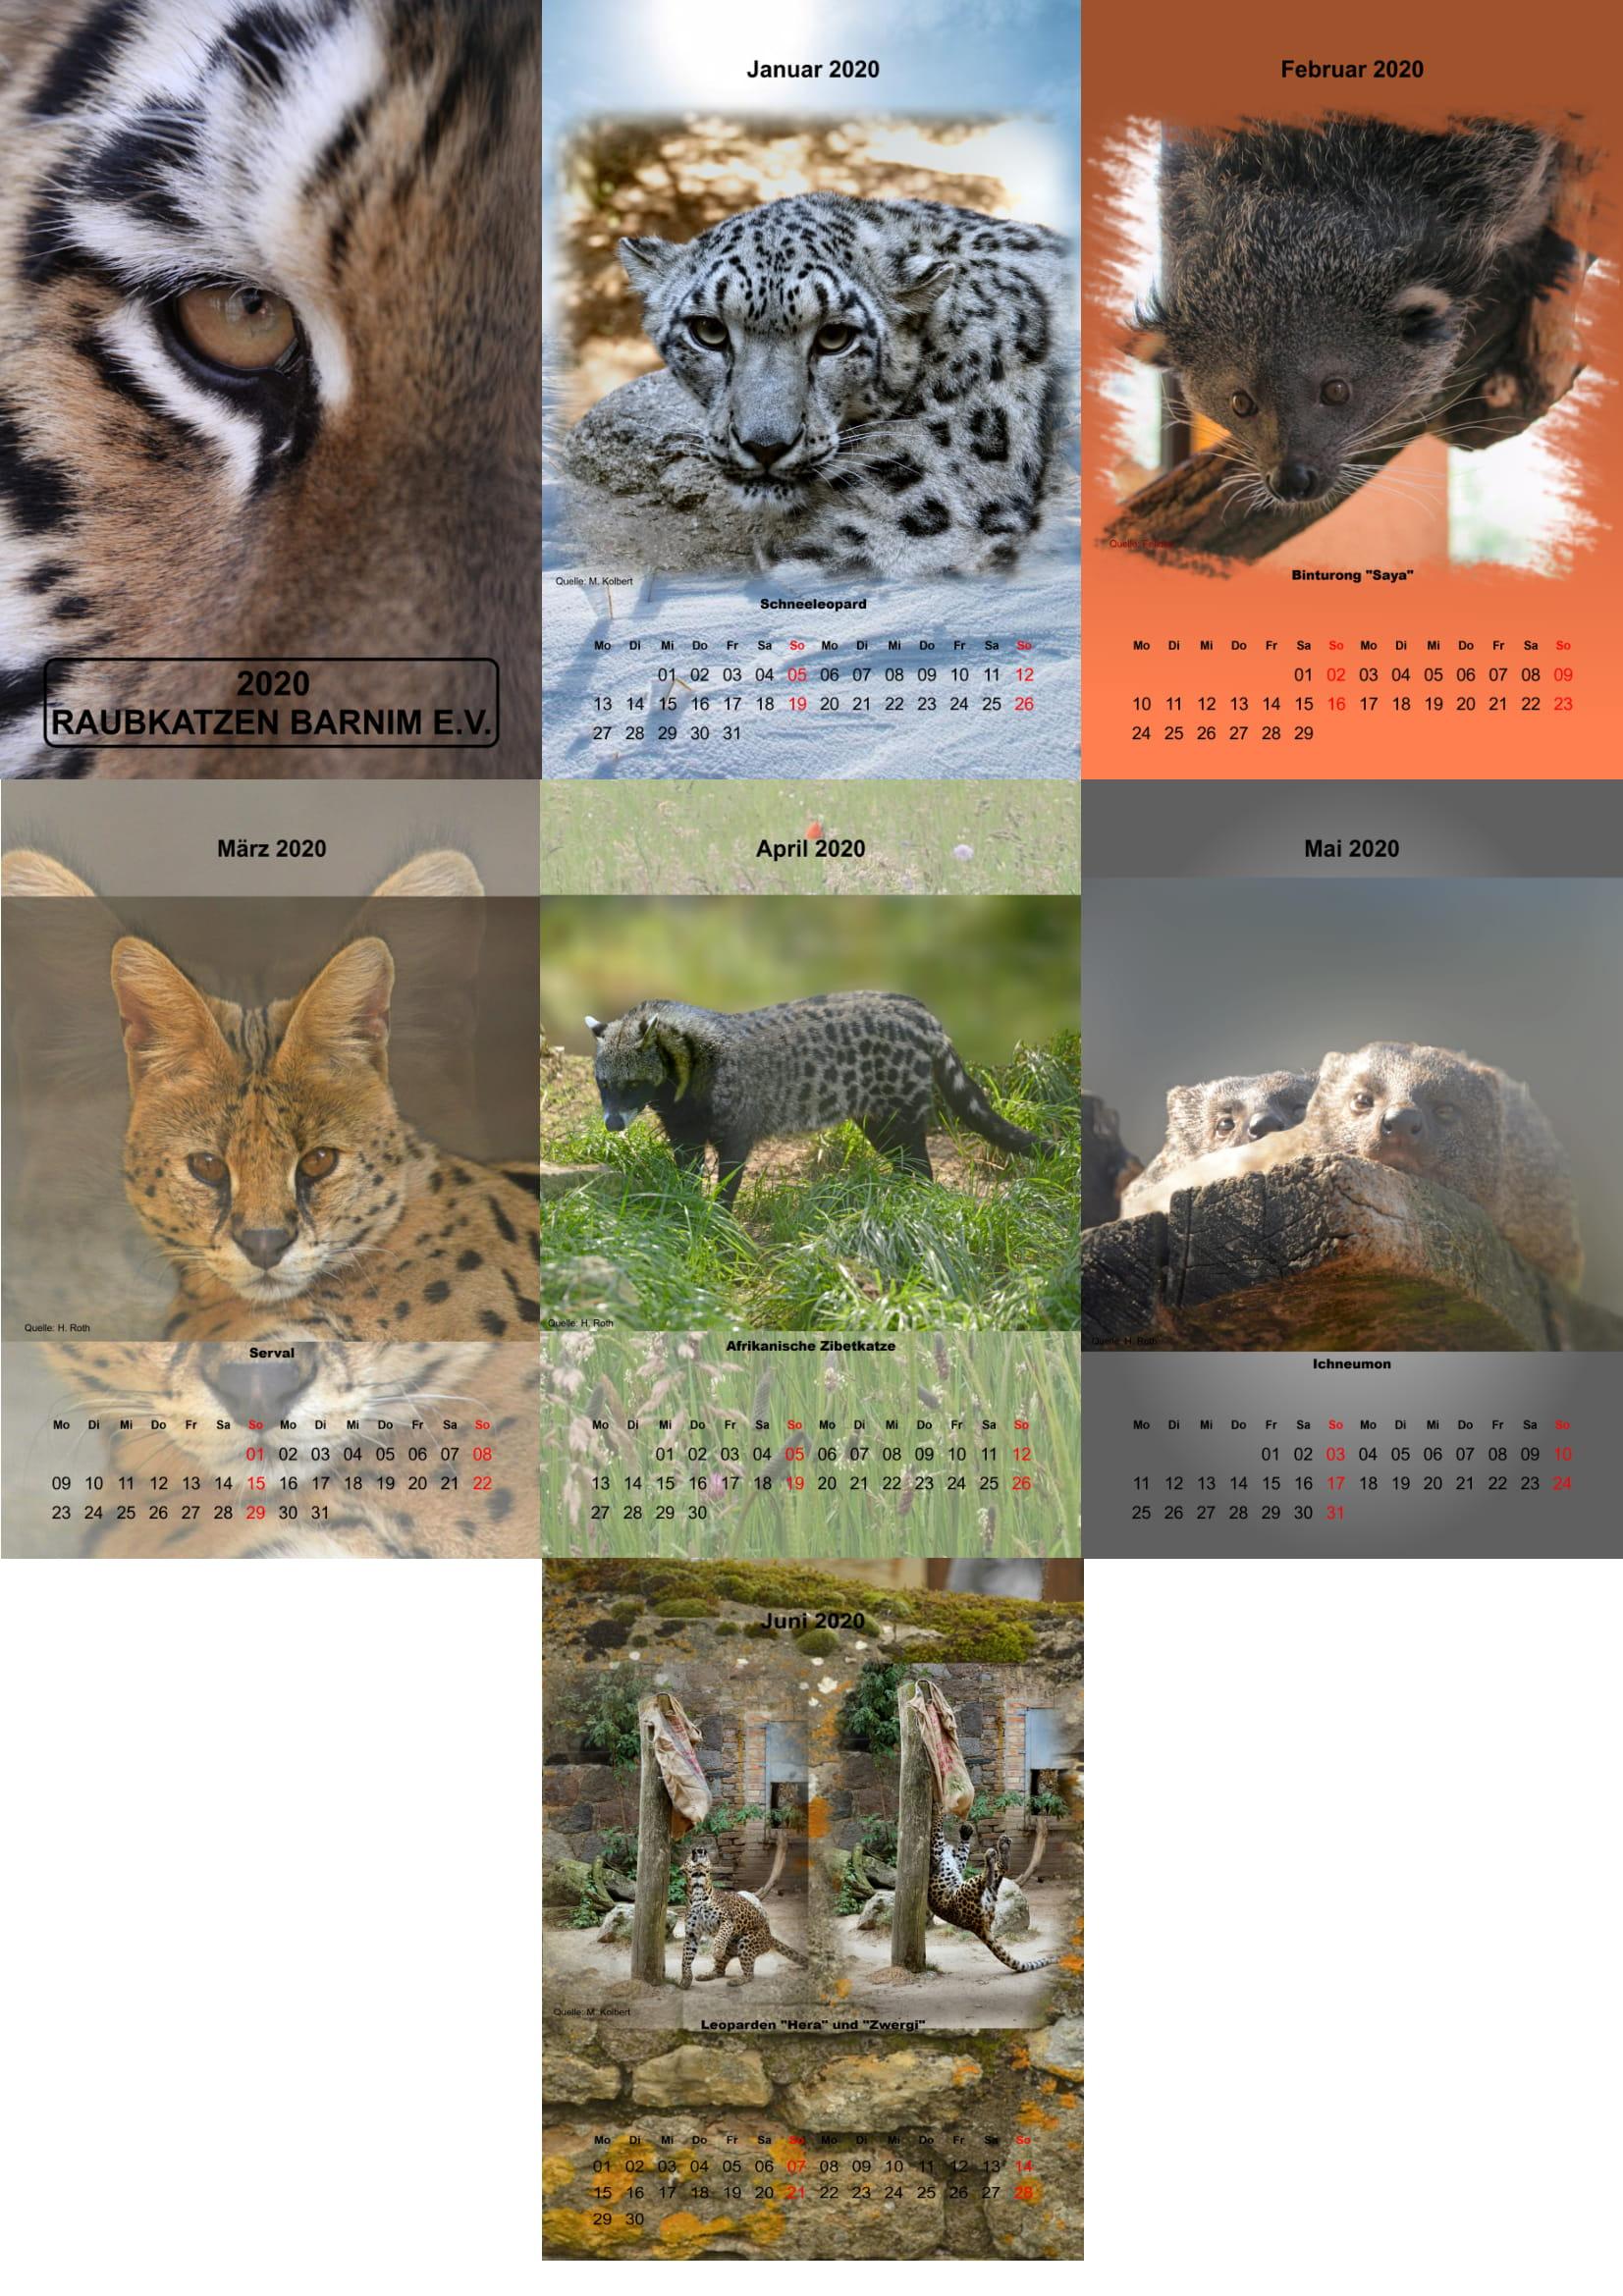 Hier direkt kaufen: Raubkatzen-Kalender 2020